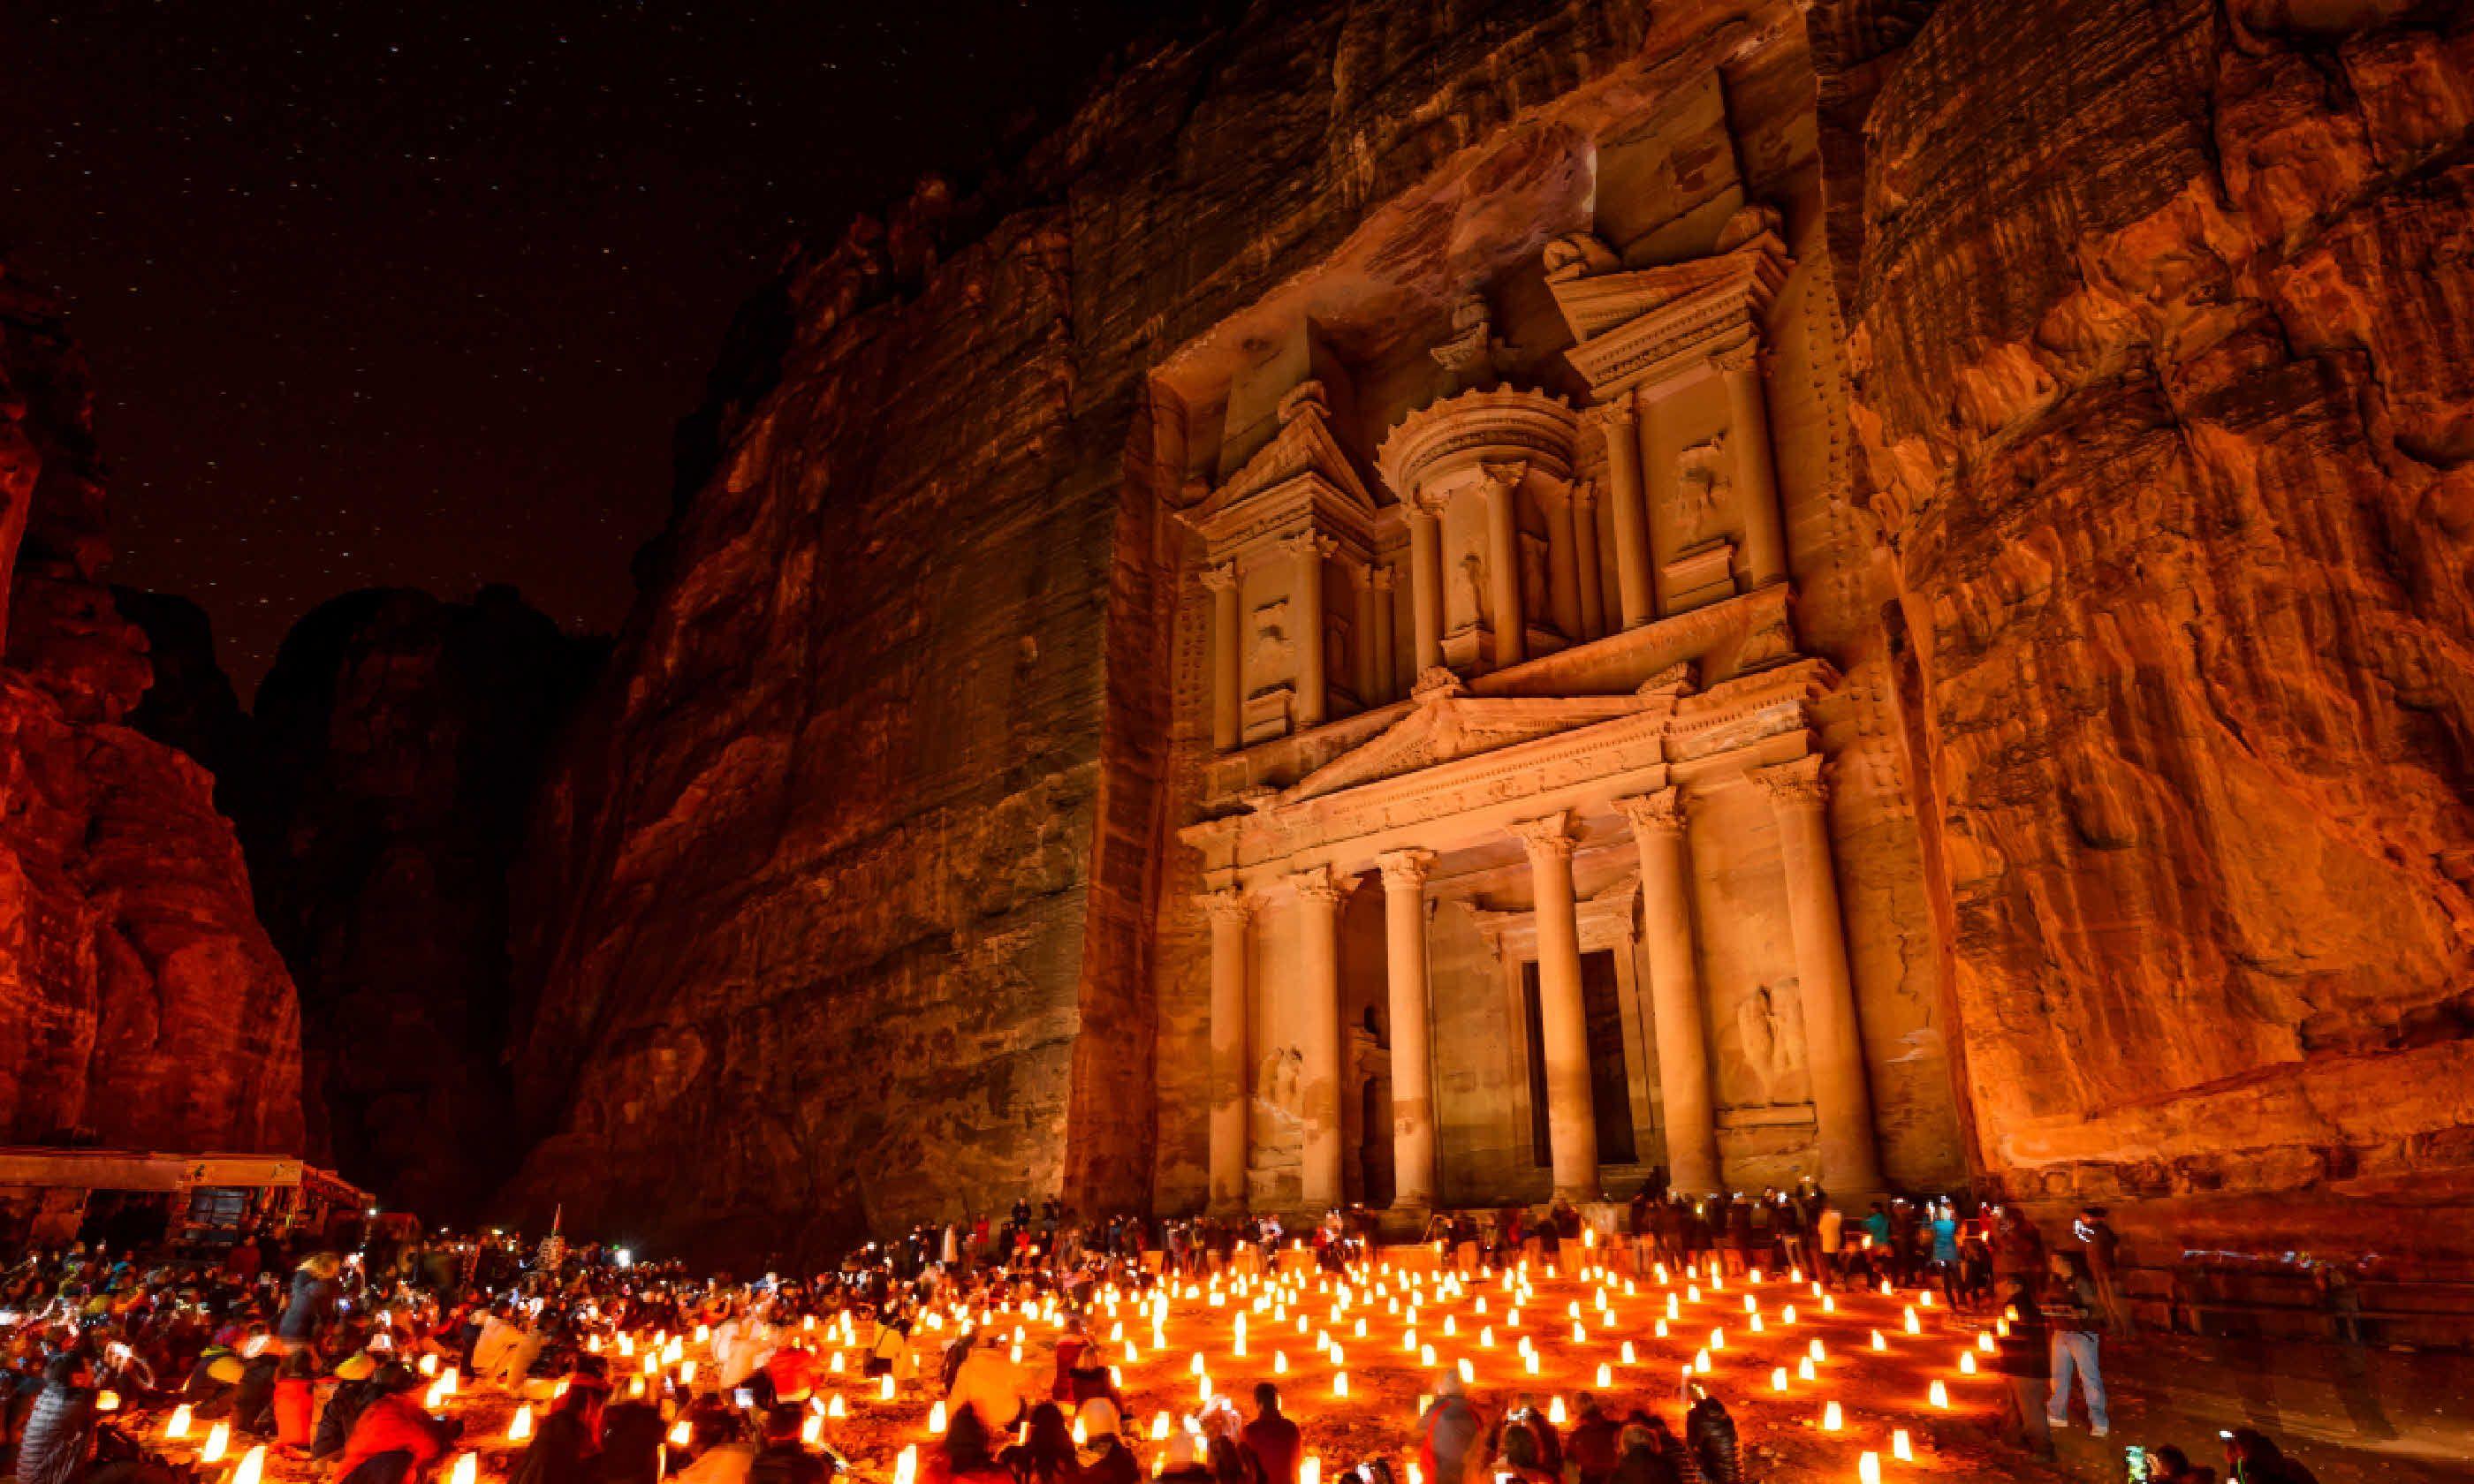 Al Khazneh in Petra, Jordan (Shutterstock)